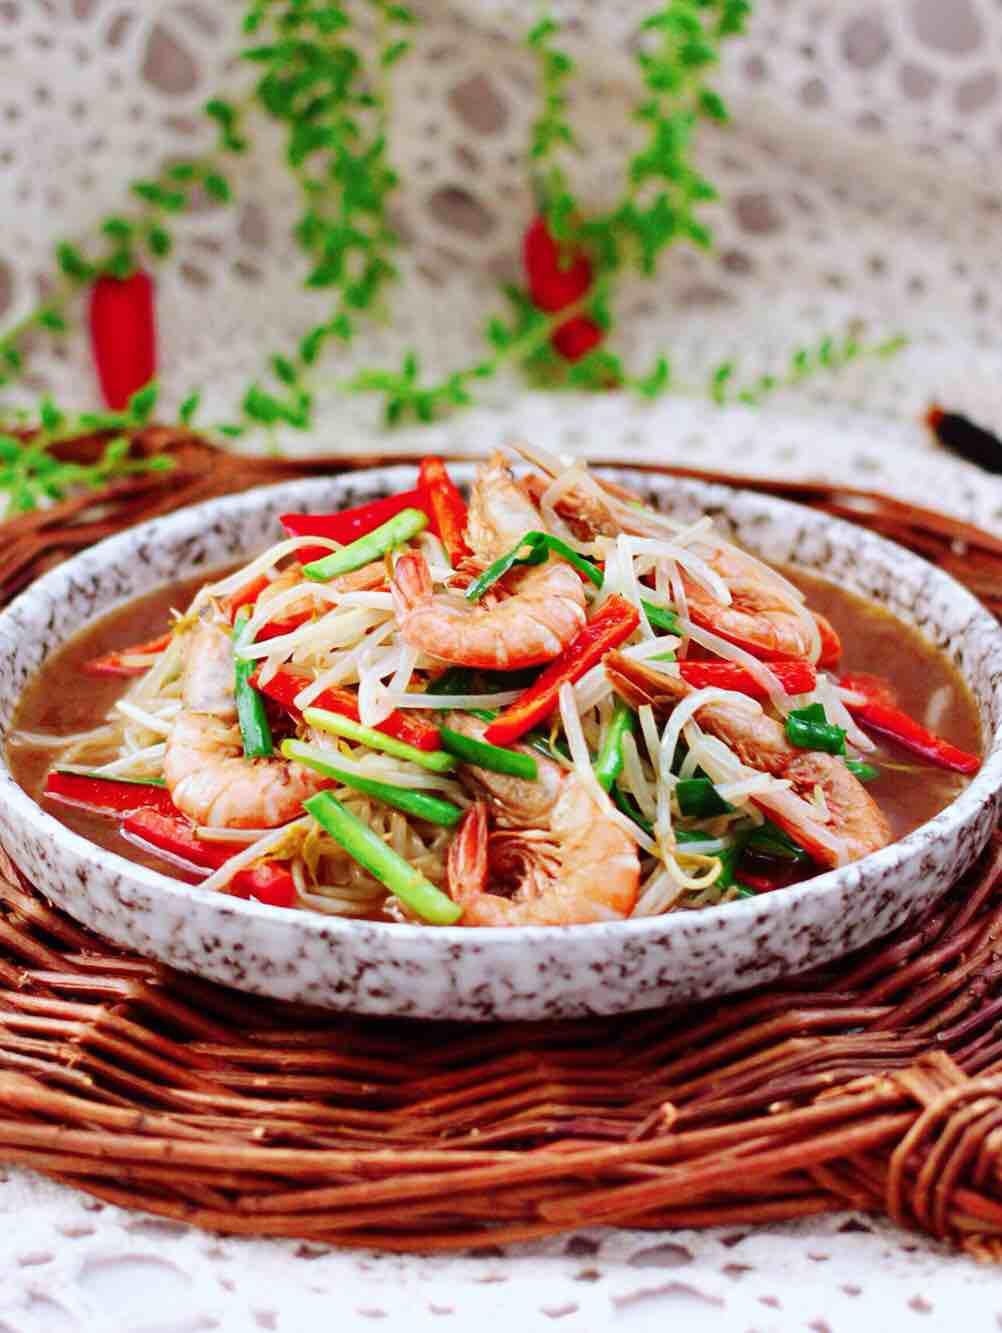 绿豆芽炒红虾的做法